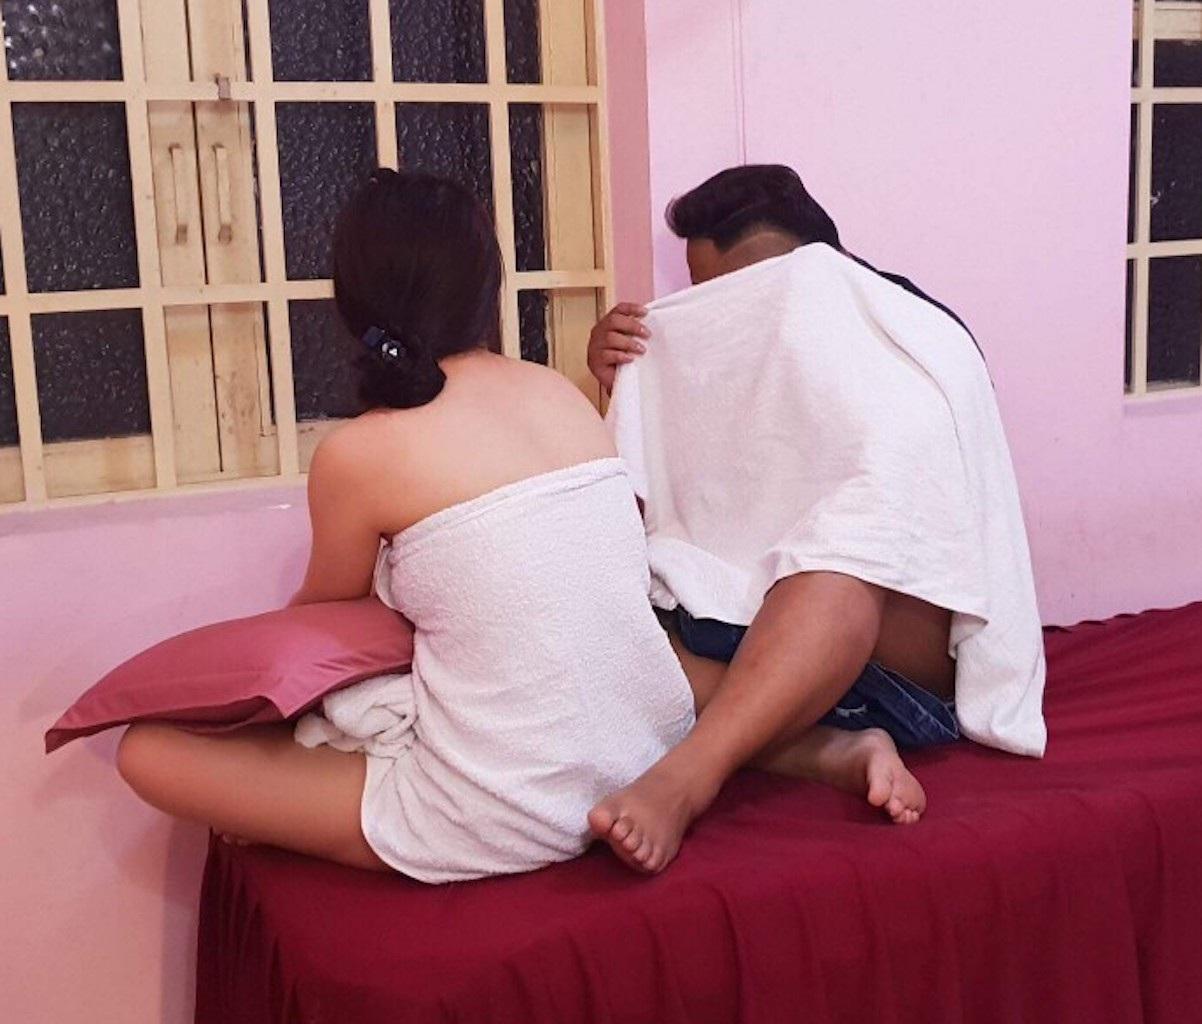 """Bắt quả tang nữ tiếp viên cơ sở massage """"tắm tiên"""" cùng khách - 1"""